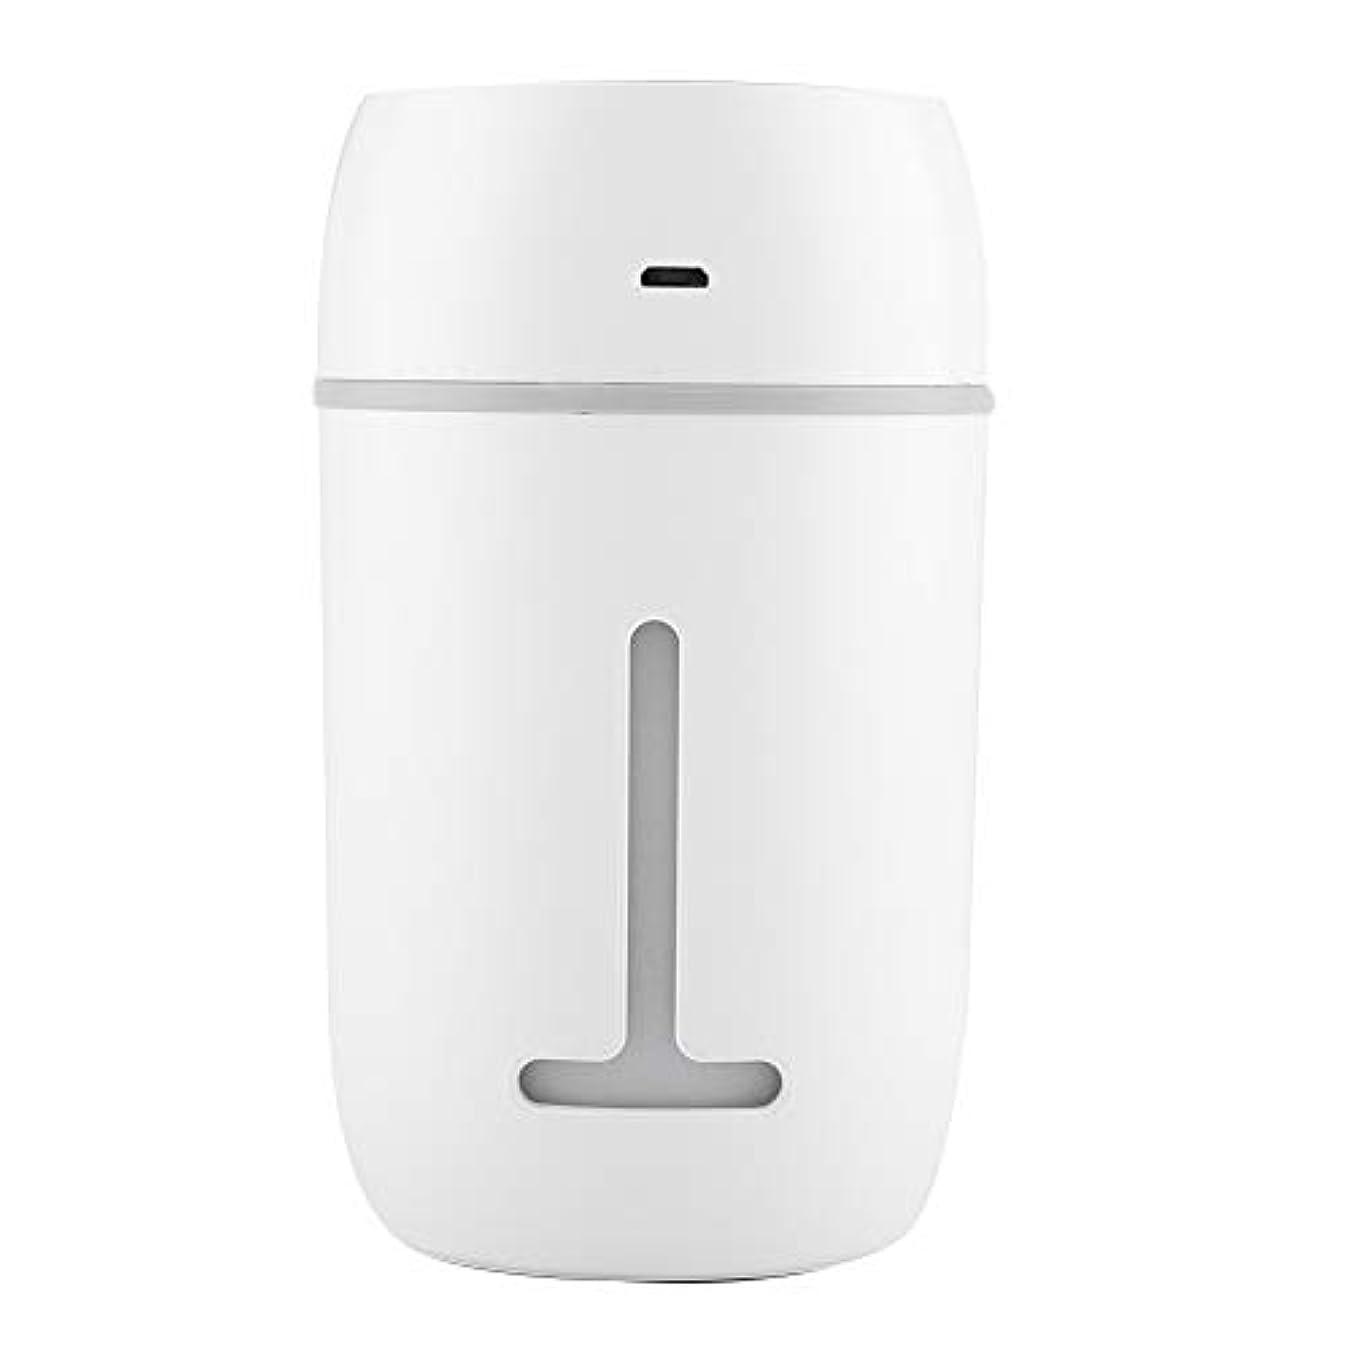 請求書センサー勧めるミニUSB加湿器、超音波クールミスト加湿器充電式ポータブルカーオフィス加湿器ディフューザー7色LEDライト